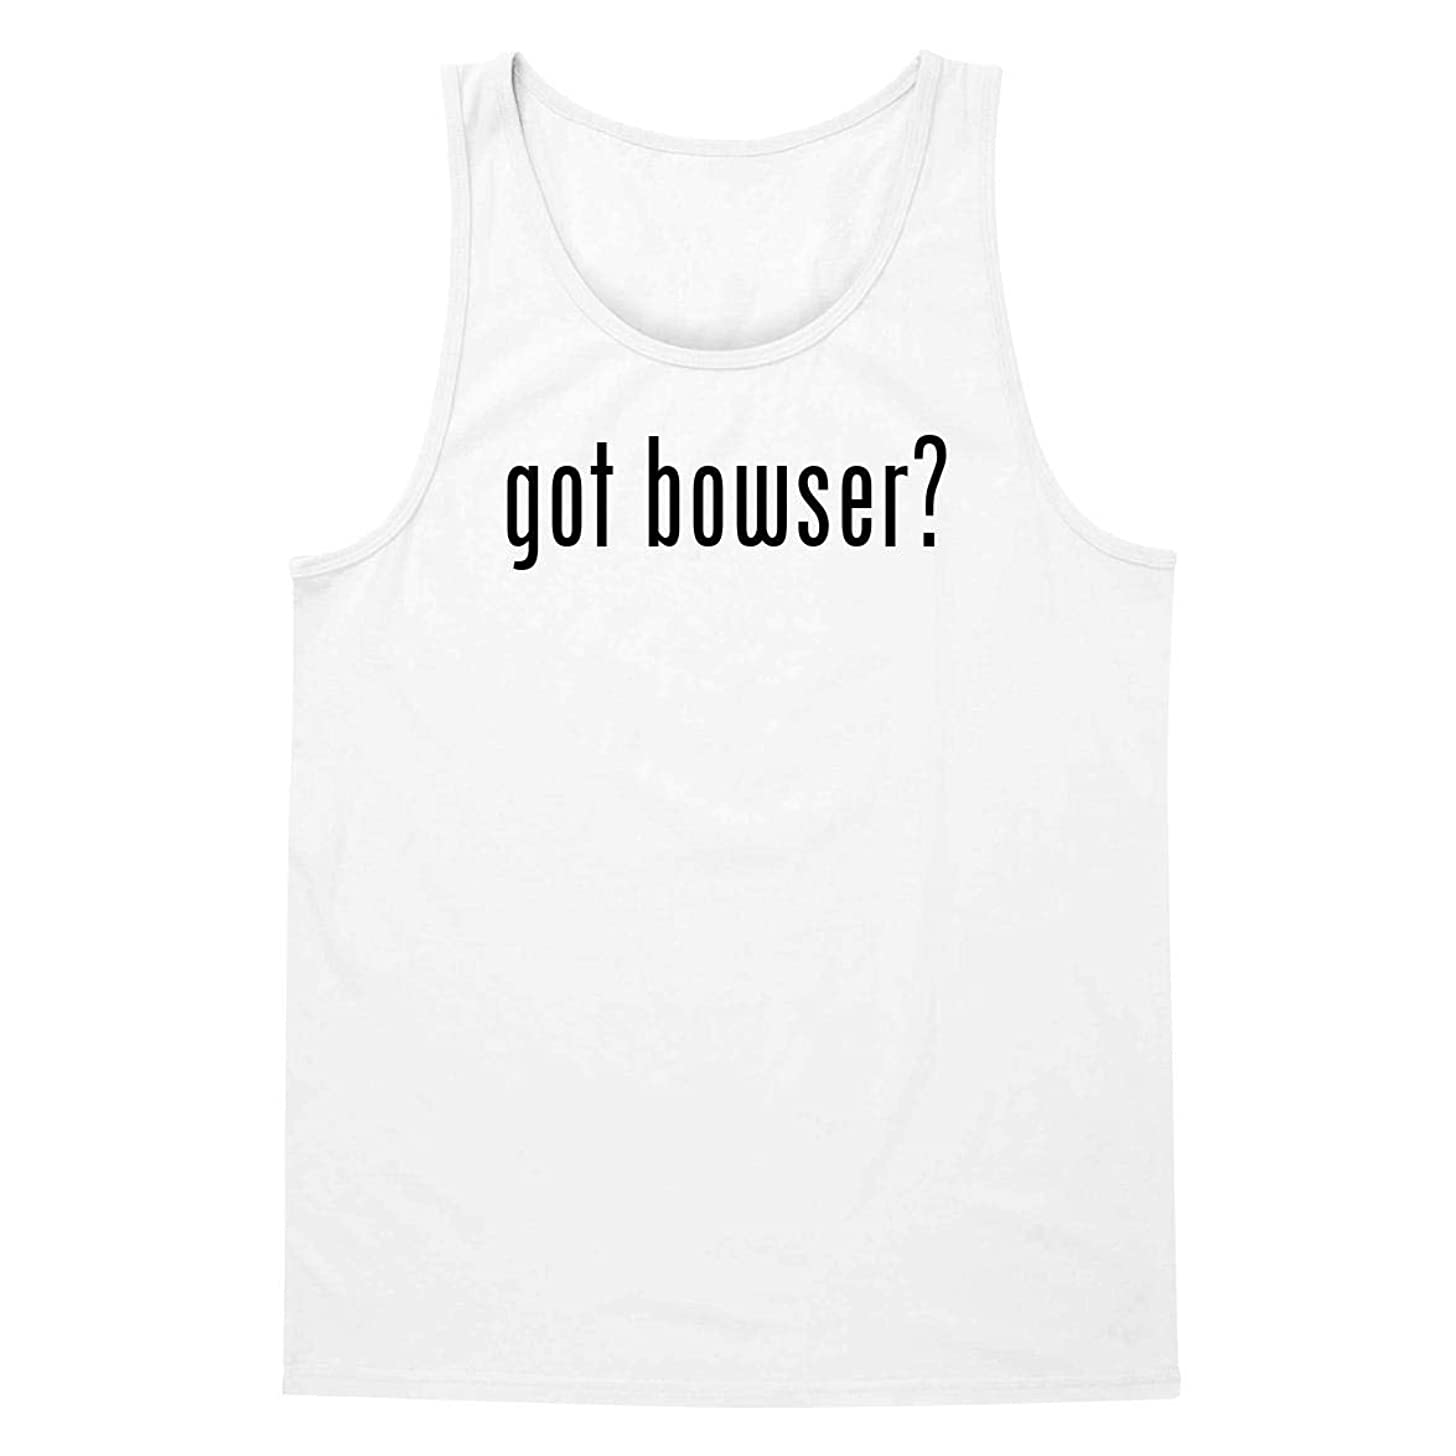 The Town Butler got Bowser? - A Soft & Comfortable Unisex Men's & Women's Tank Top